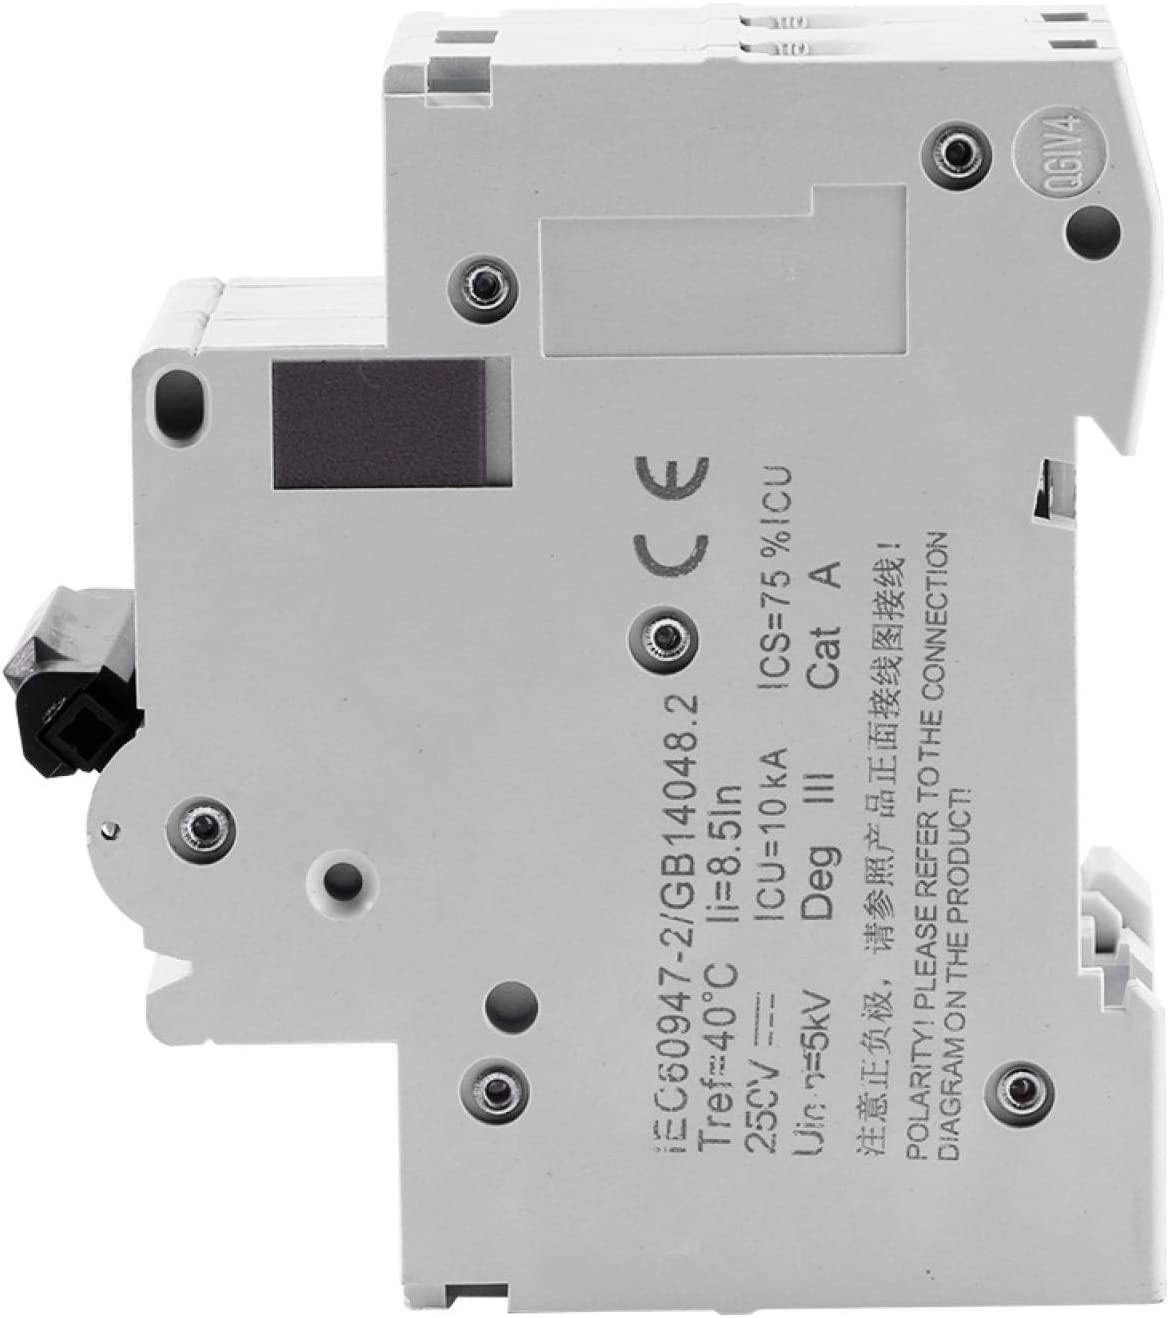 sistema de red 1 disyuntor solar de riel DIN de 250 v 16A disyuntor de bajo voltaje 16a//32a//63a para paneles solares sistema h/íbrido e/ólico y solar y muchos otros sistemas de CC